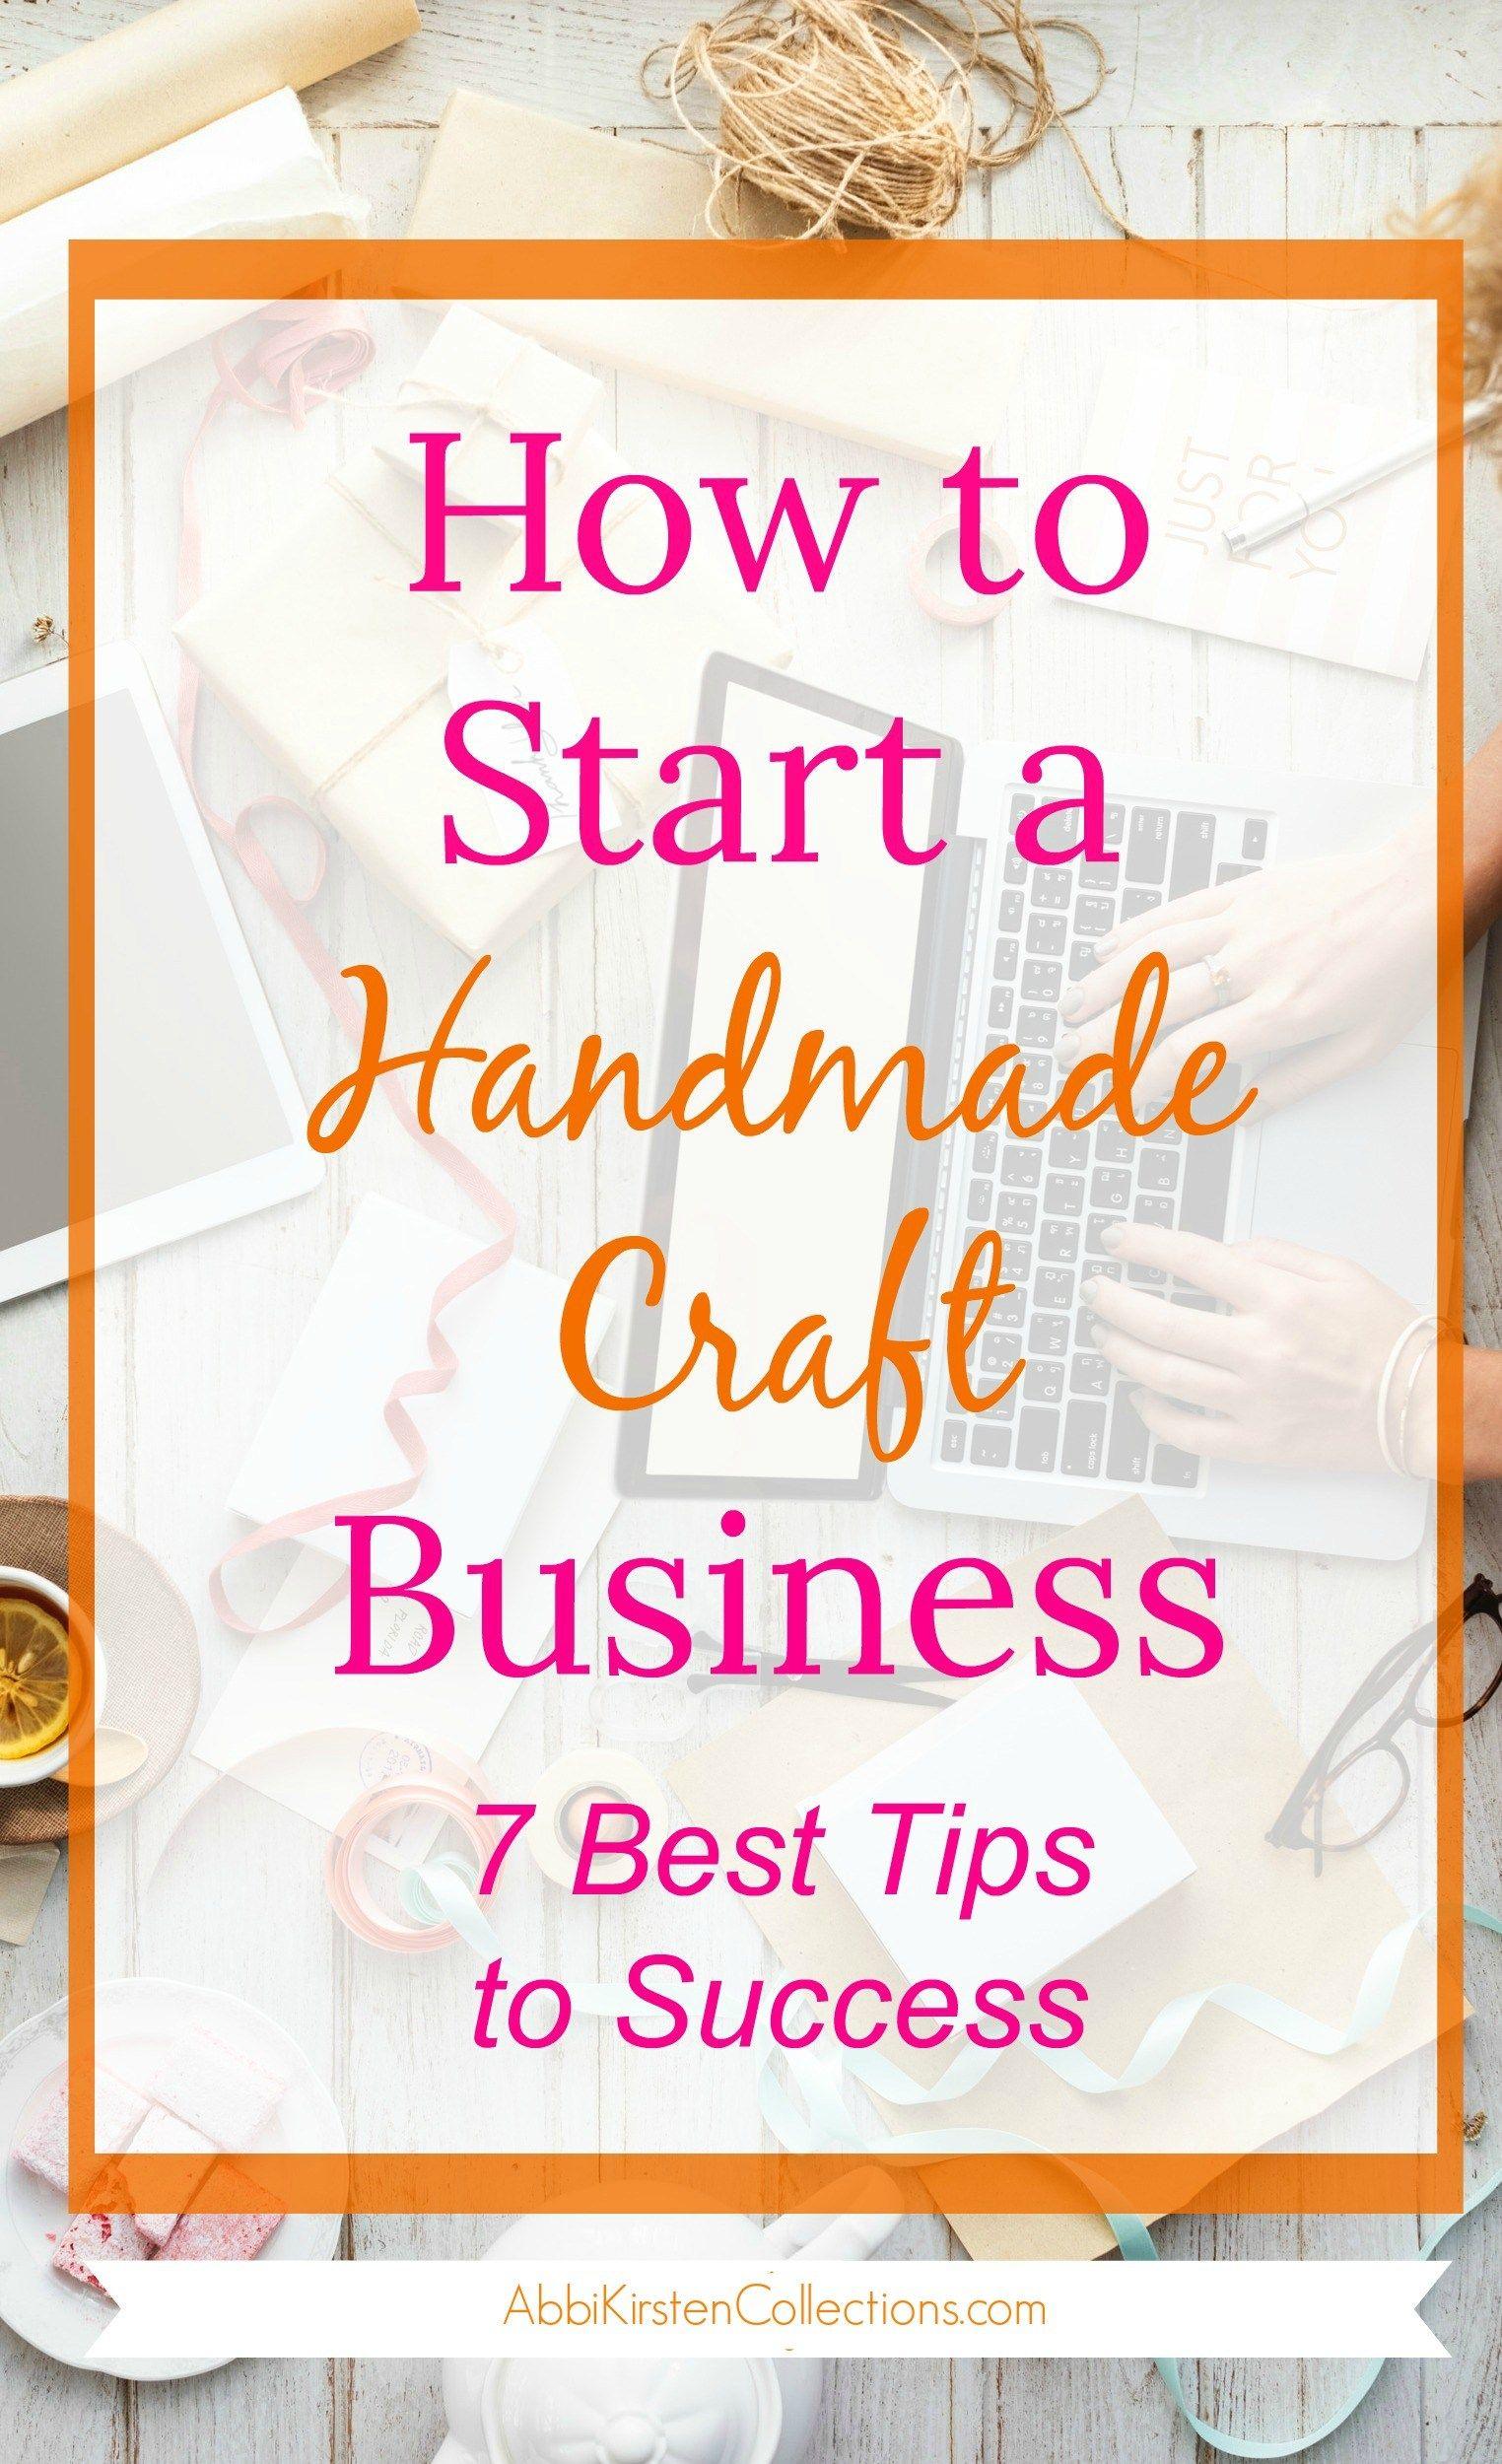 How to Start a Handmade Craft Business 7 Best Tips